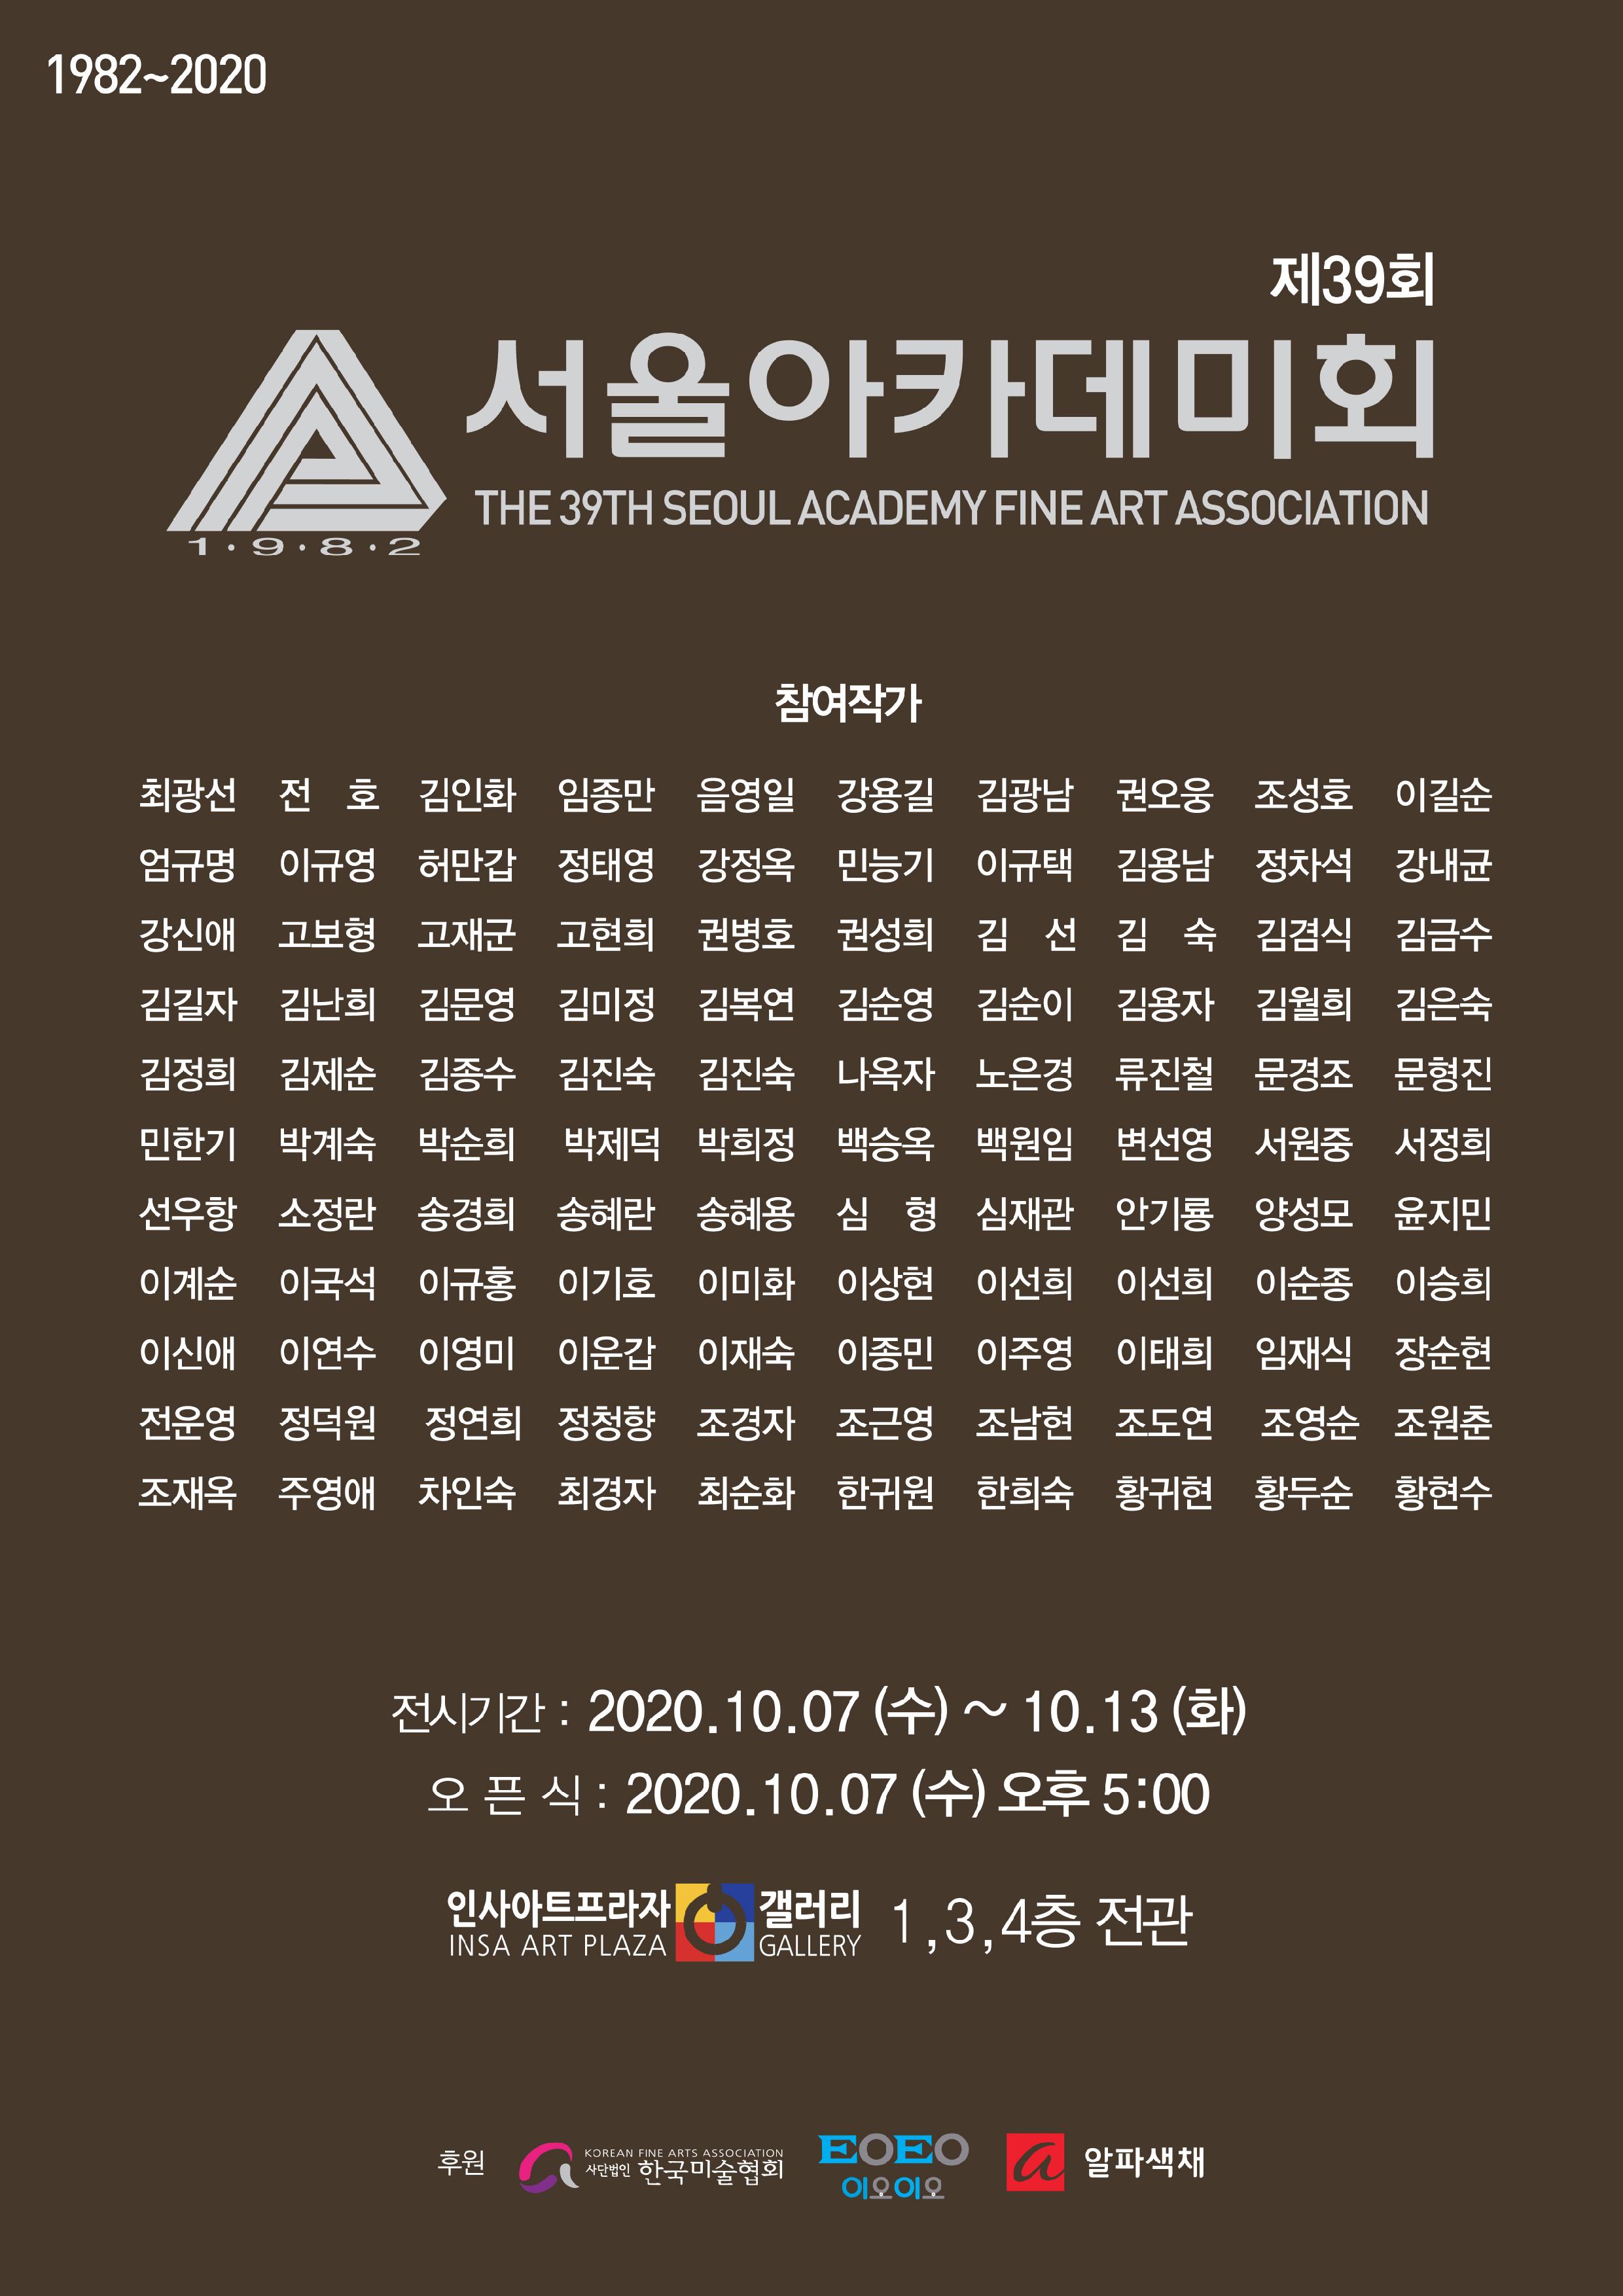 사본 -2020서울아카데미-포스터ㅇ-01.jpg